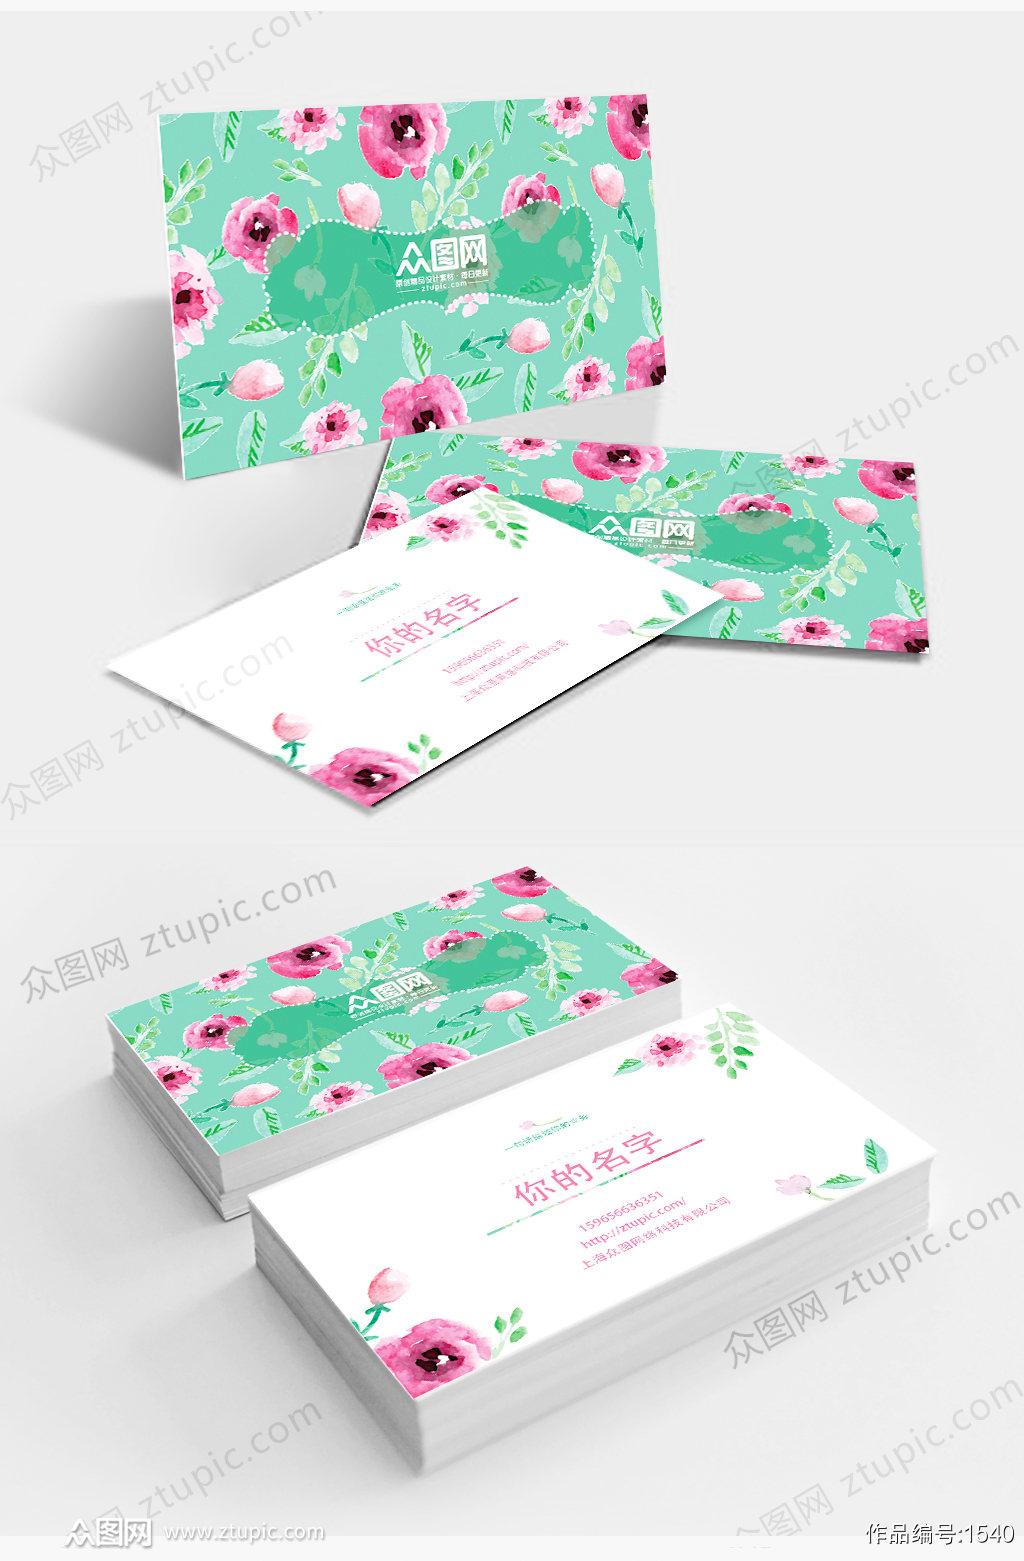 精致优雅绿色科技企业名片设计素材